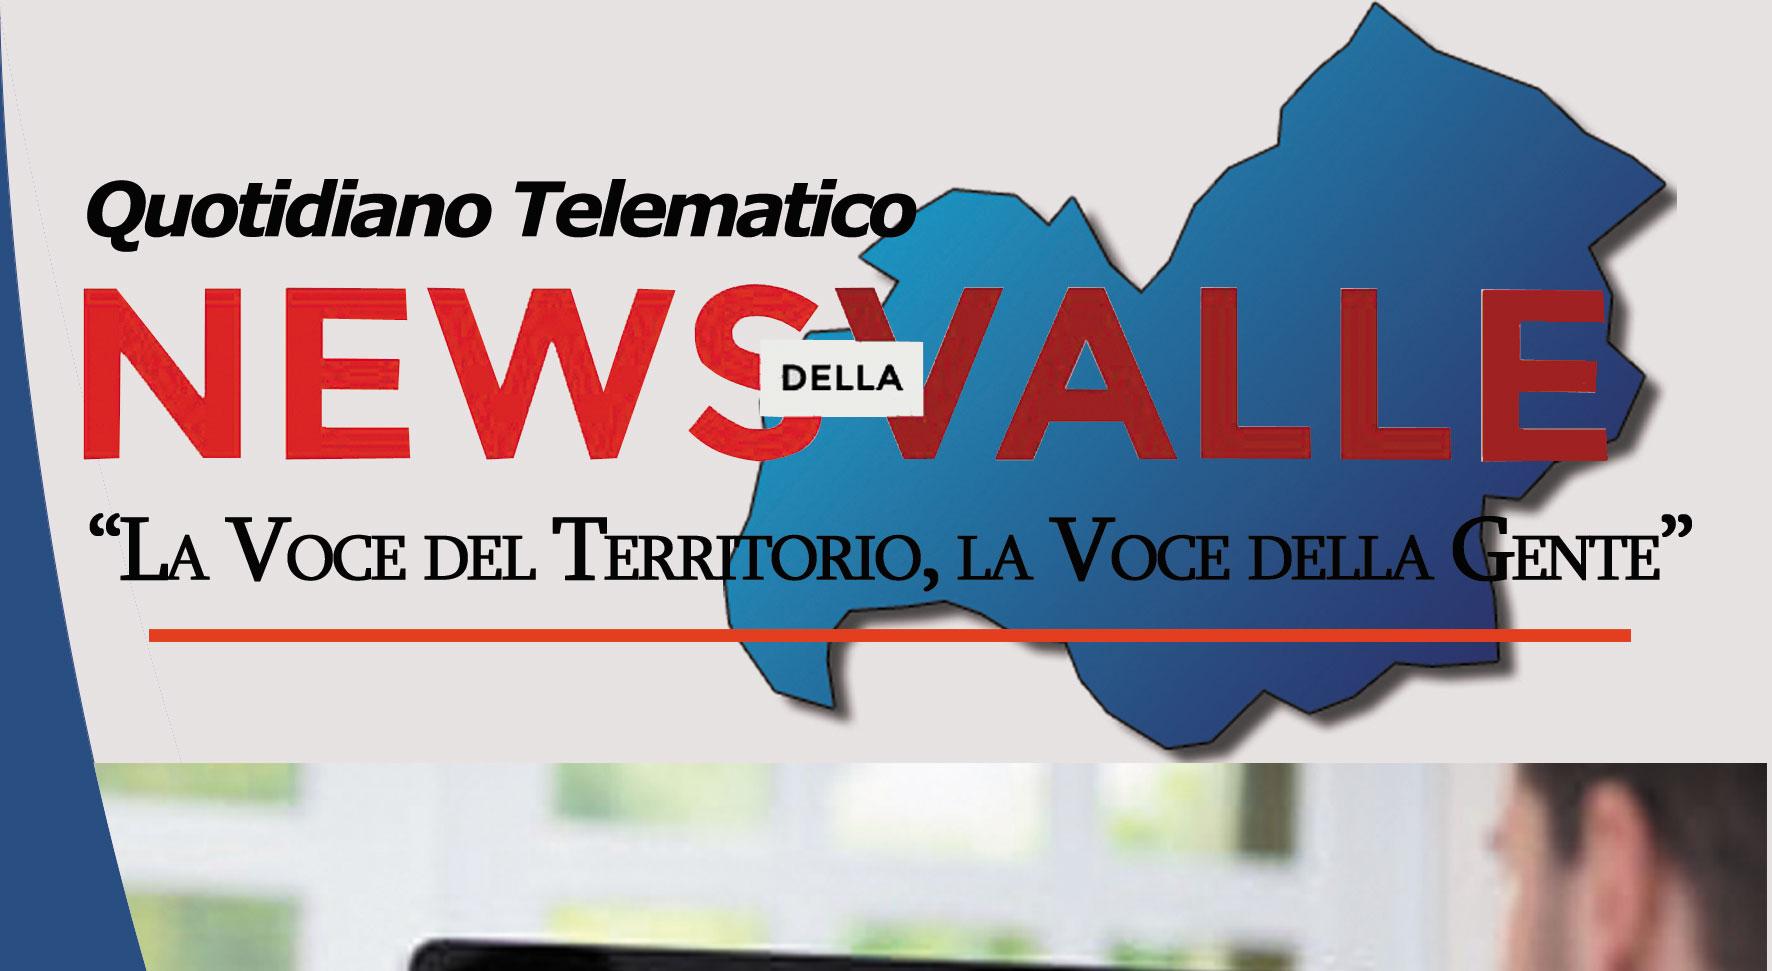 Editoria: l'Ordine dei Giornalisti del Molise parla di noi sul proprio sito web. Un  ringraziamento al presidente Antonio Lupo e al vicepresidente Bertoni.